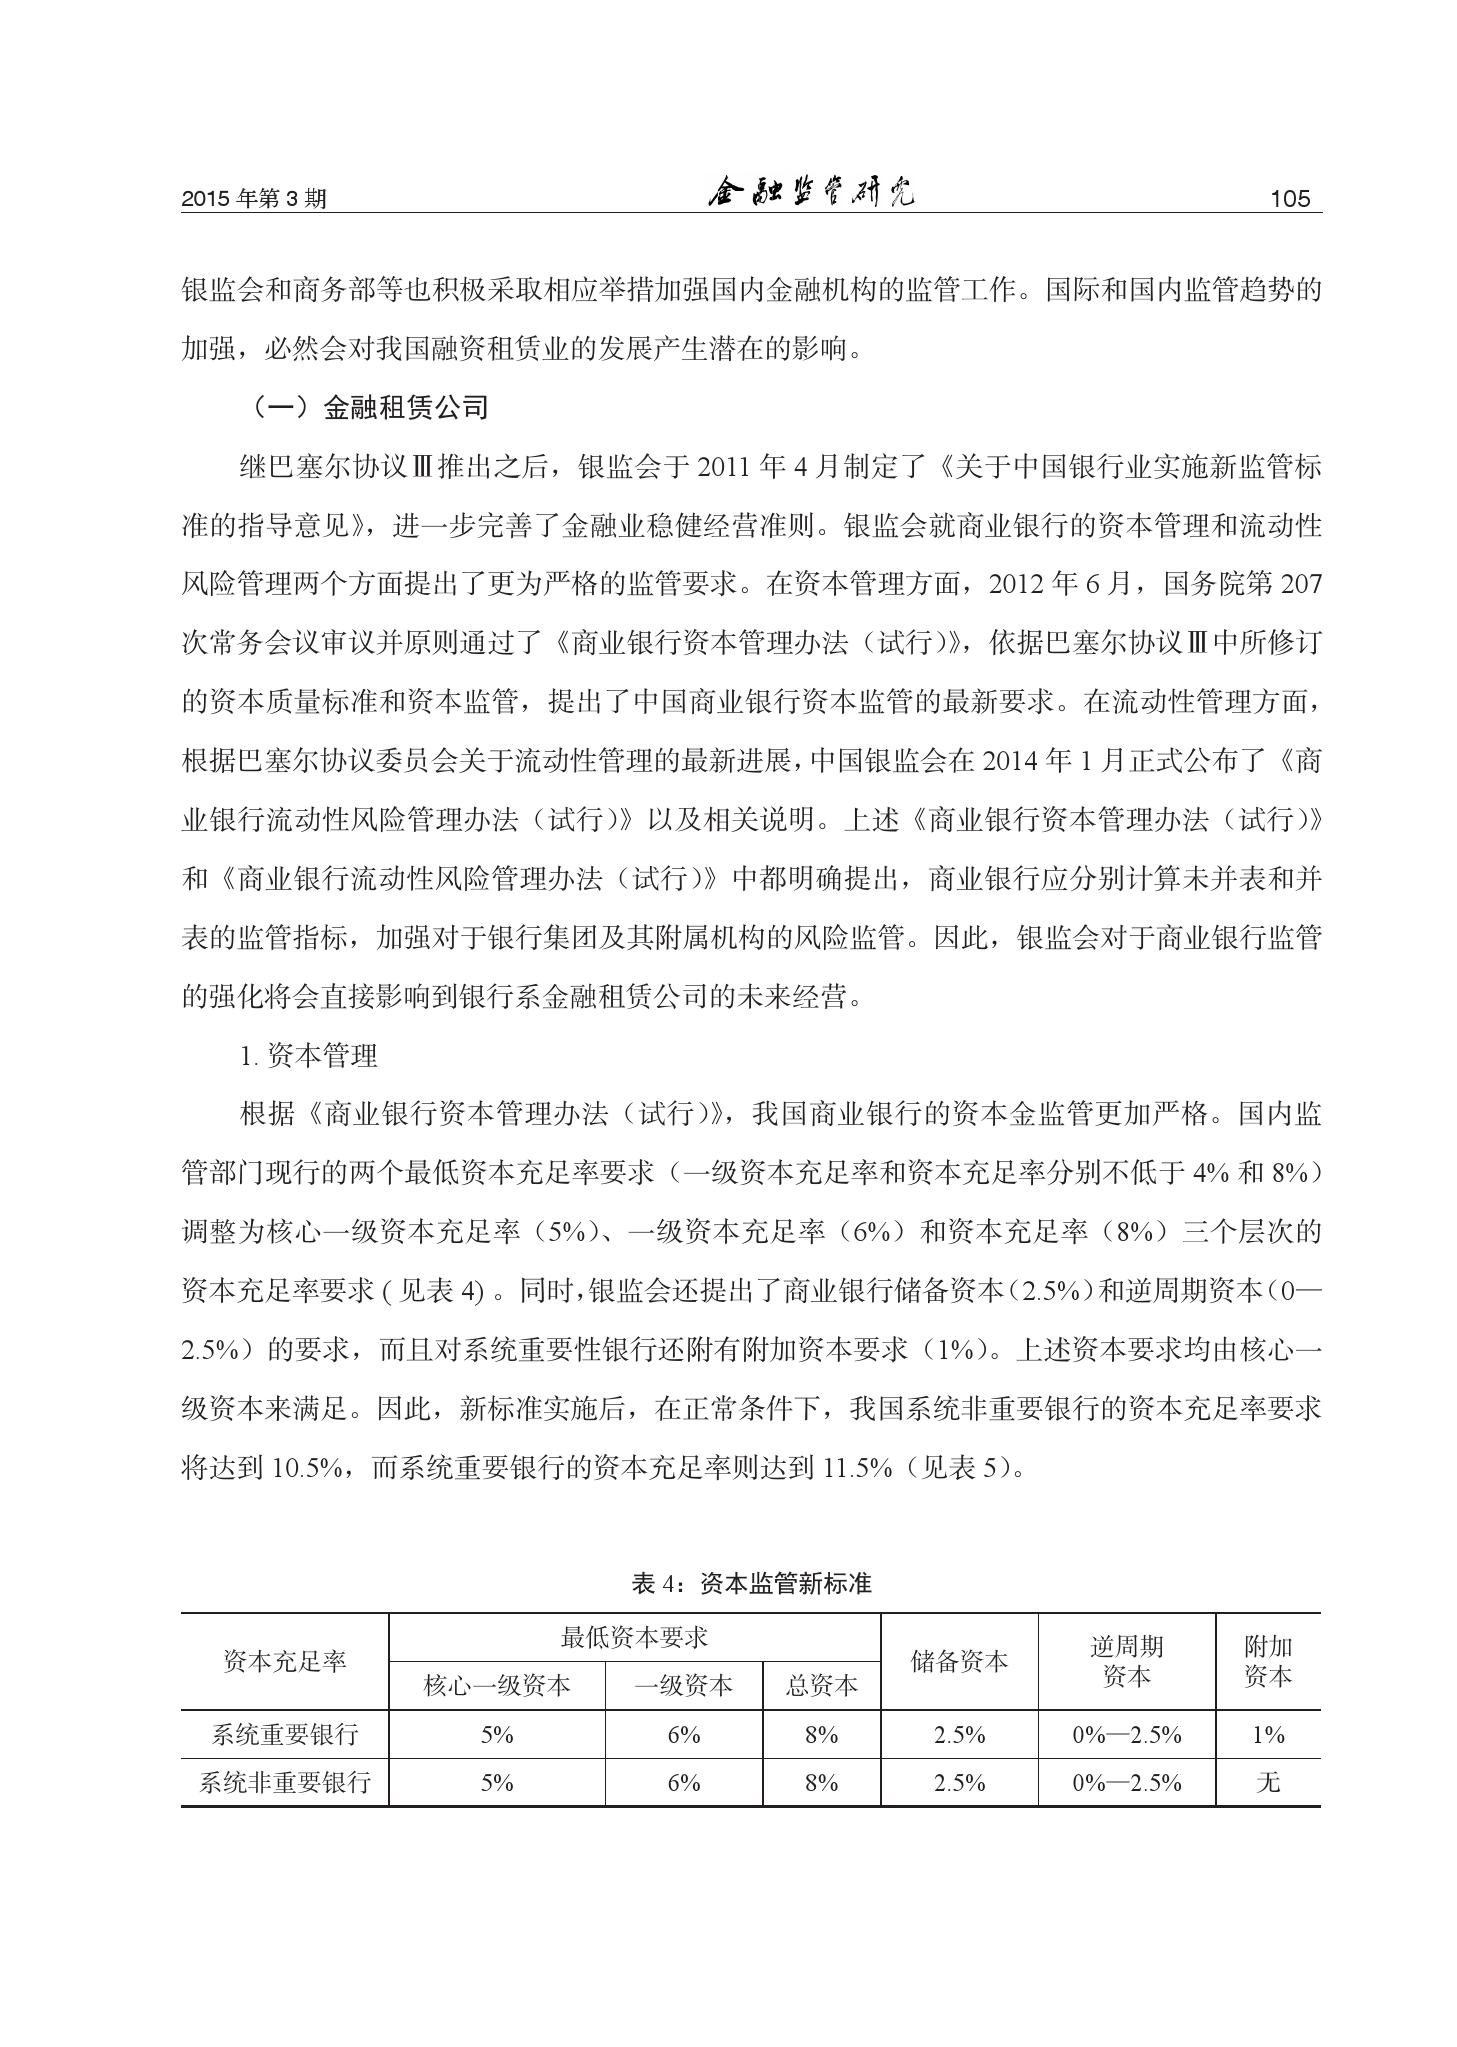 我国融资租赁业风险与监管研究_000007